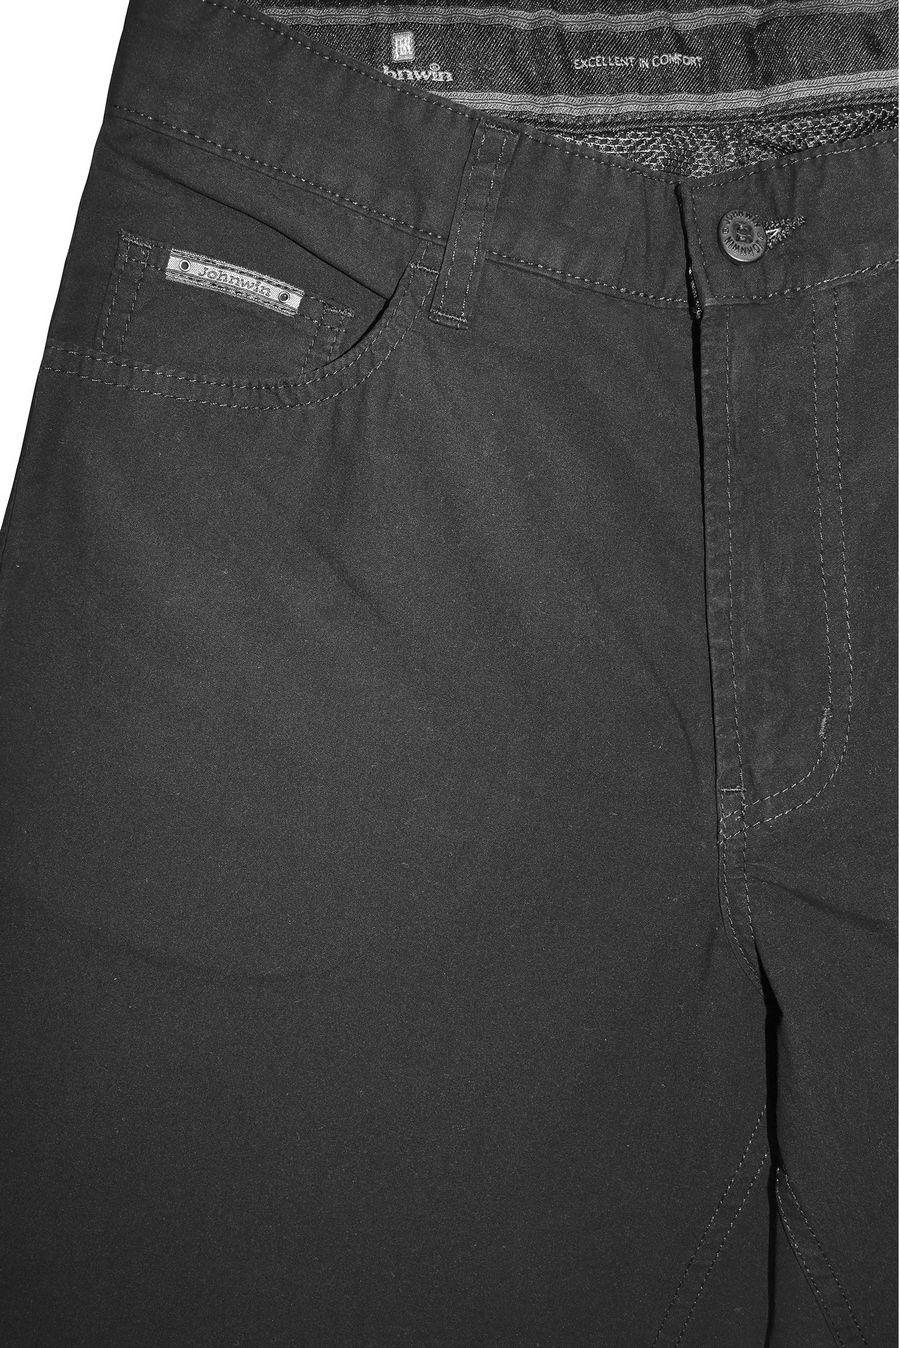 Брюки мужские Johnwin 77333 черные - фото 3